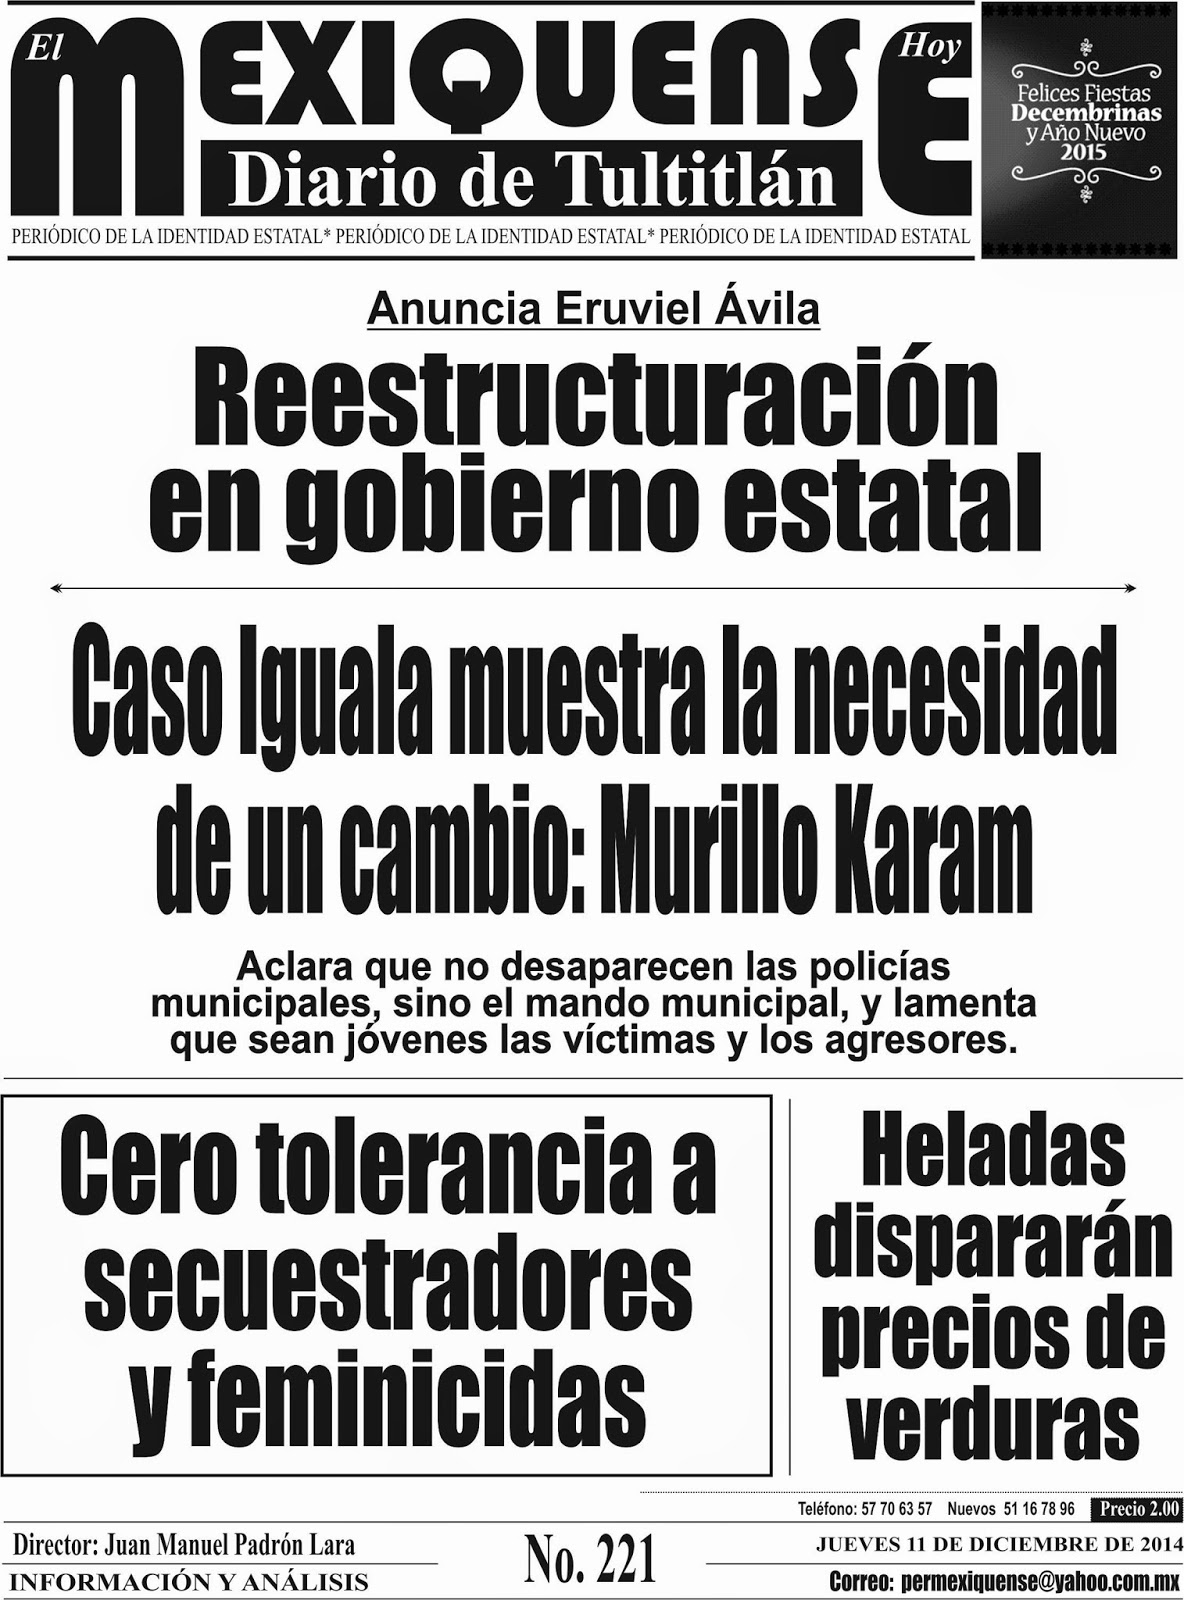 El Mexiquense Hoy 11 Dic 2014